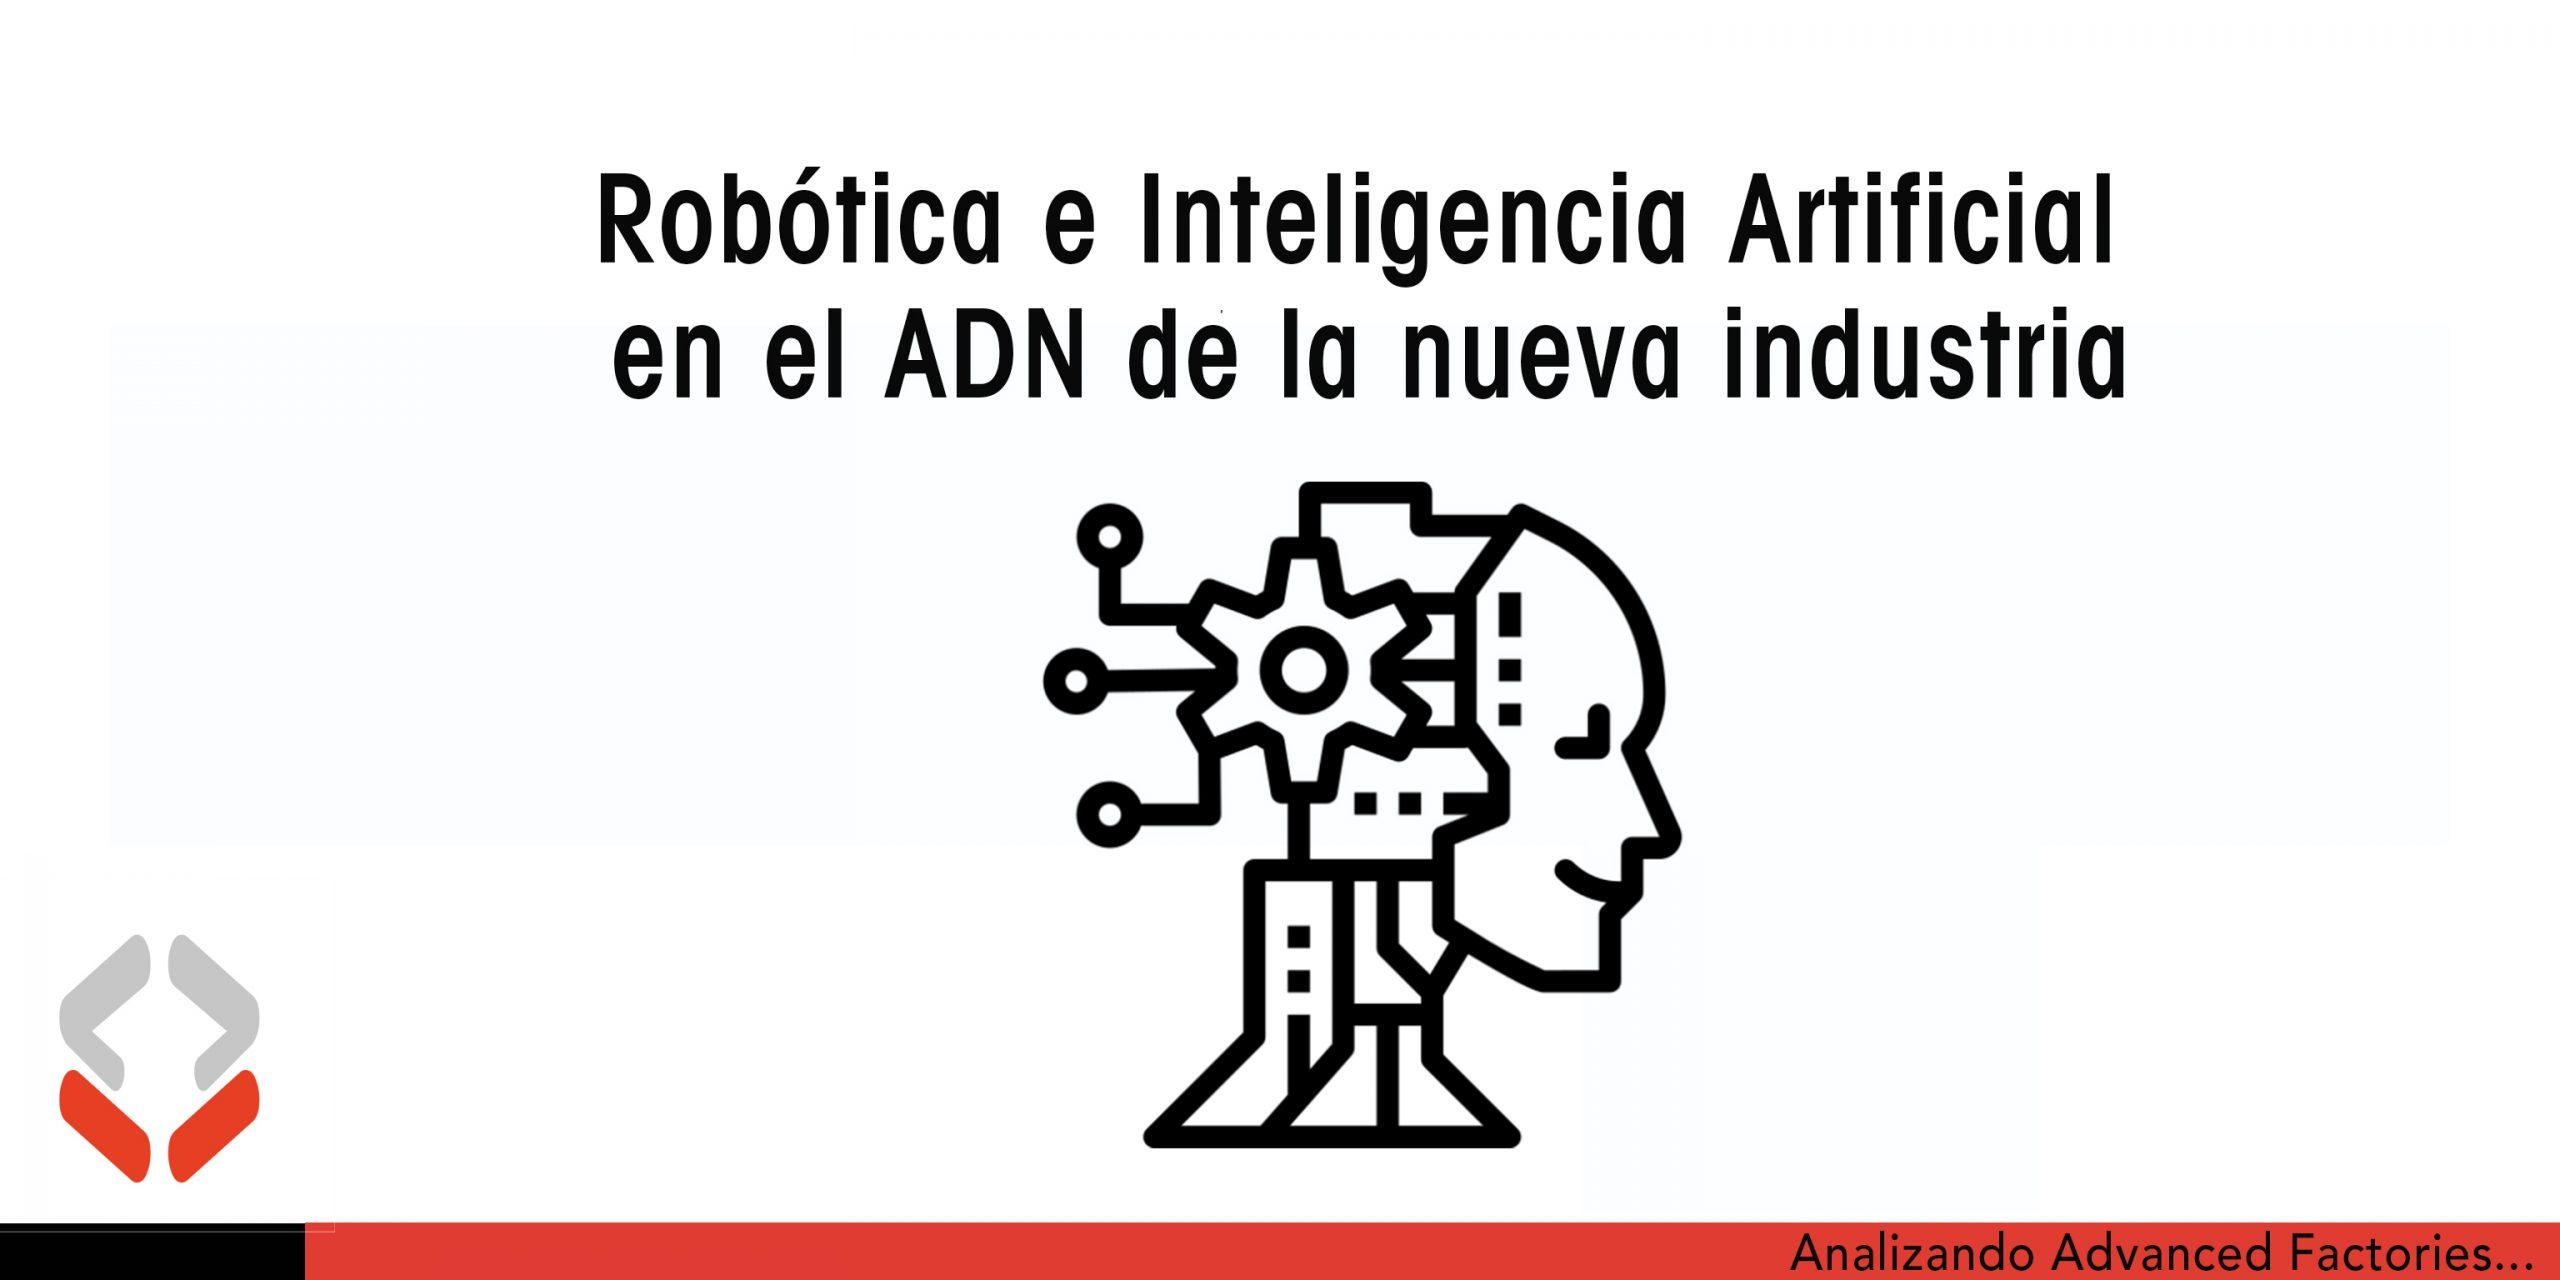 Robótica e Inteligencia Artificial en el ADN de la nueva industria